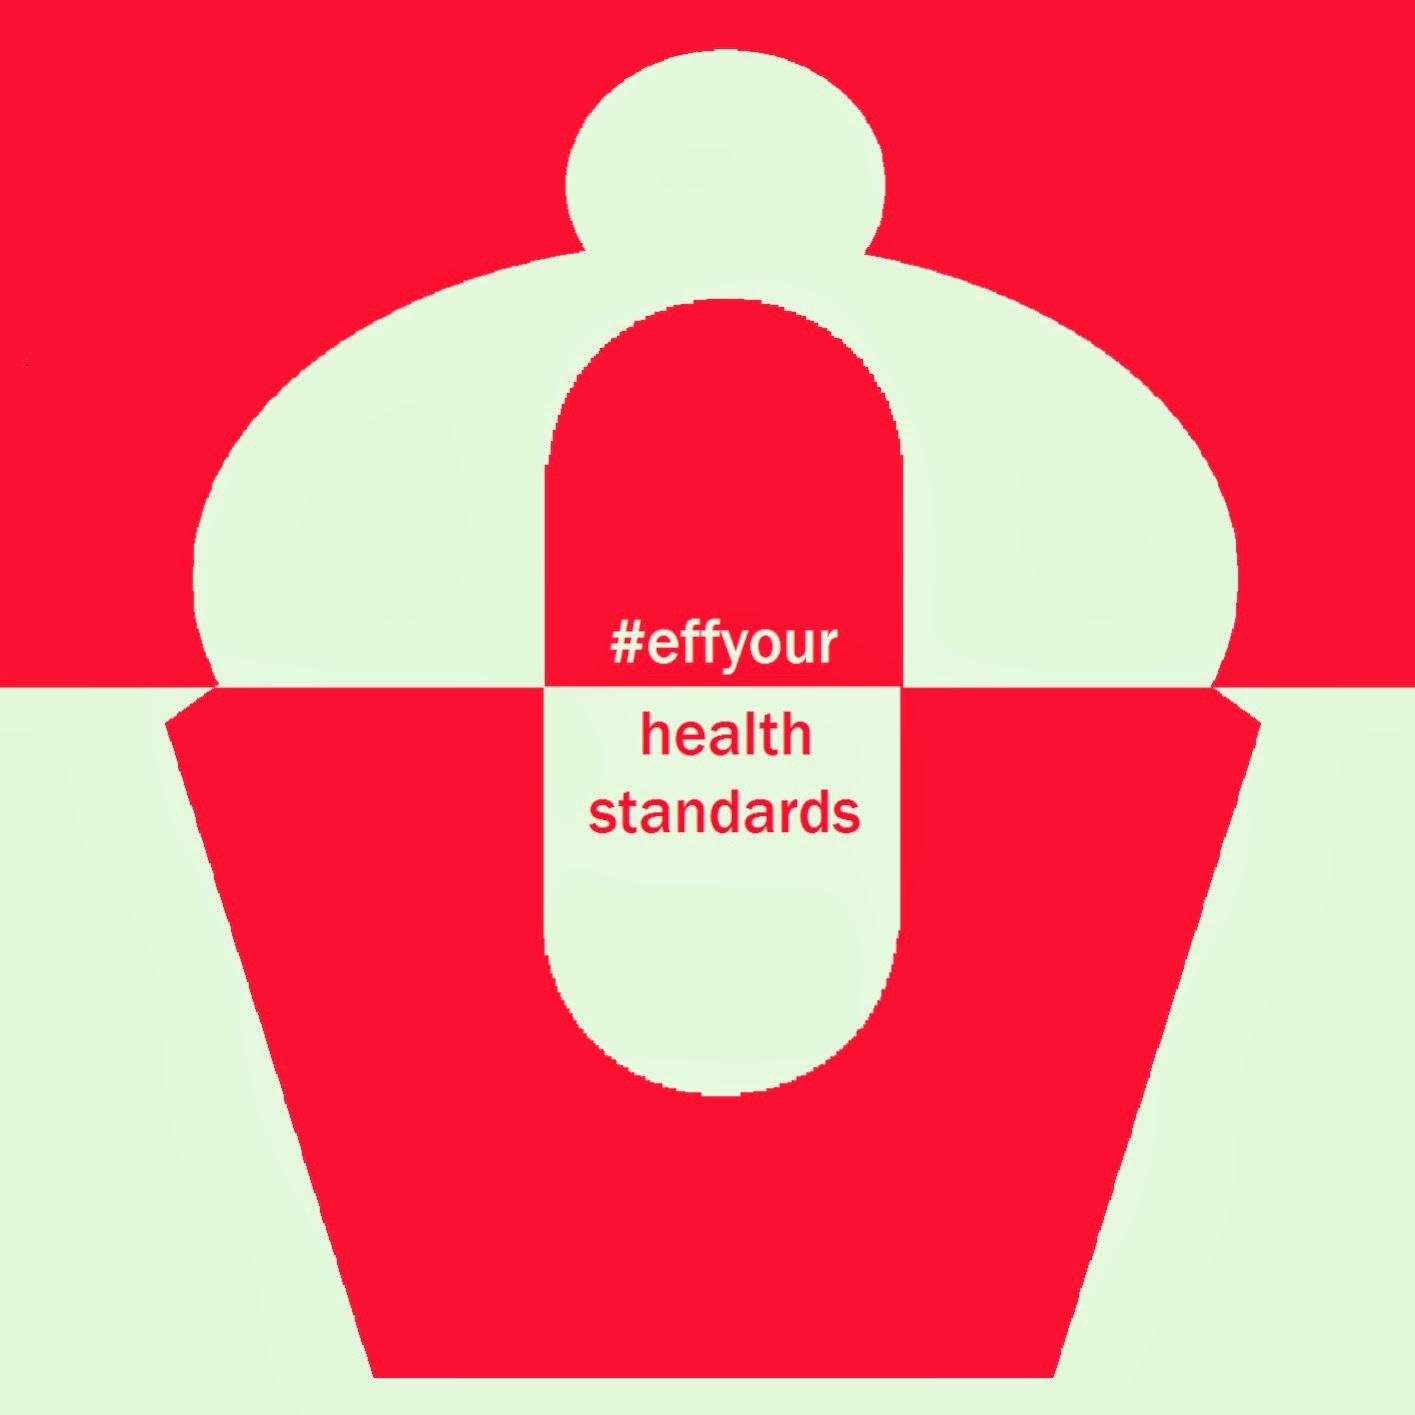 #effyourhealthstandards